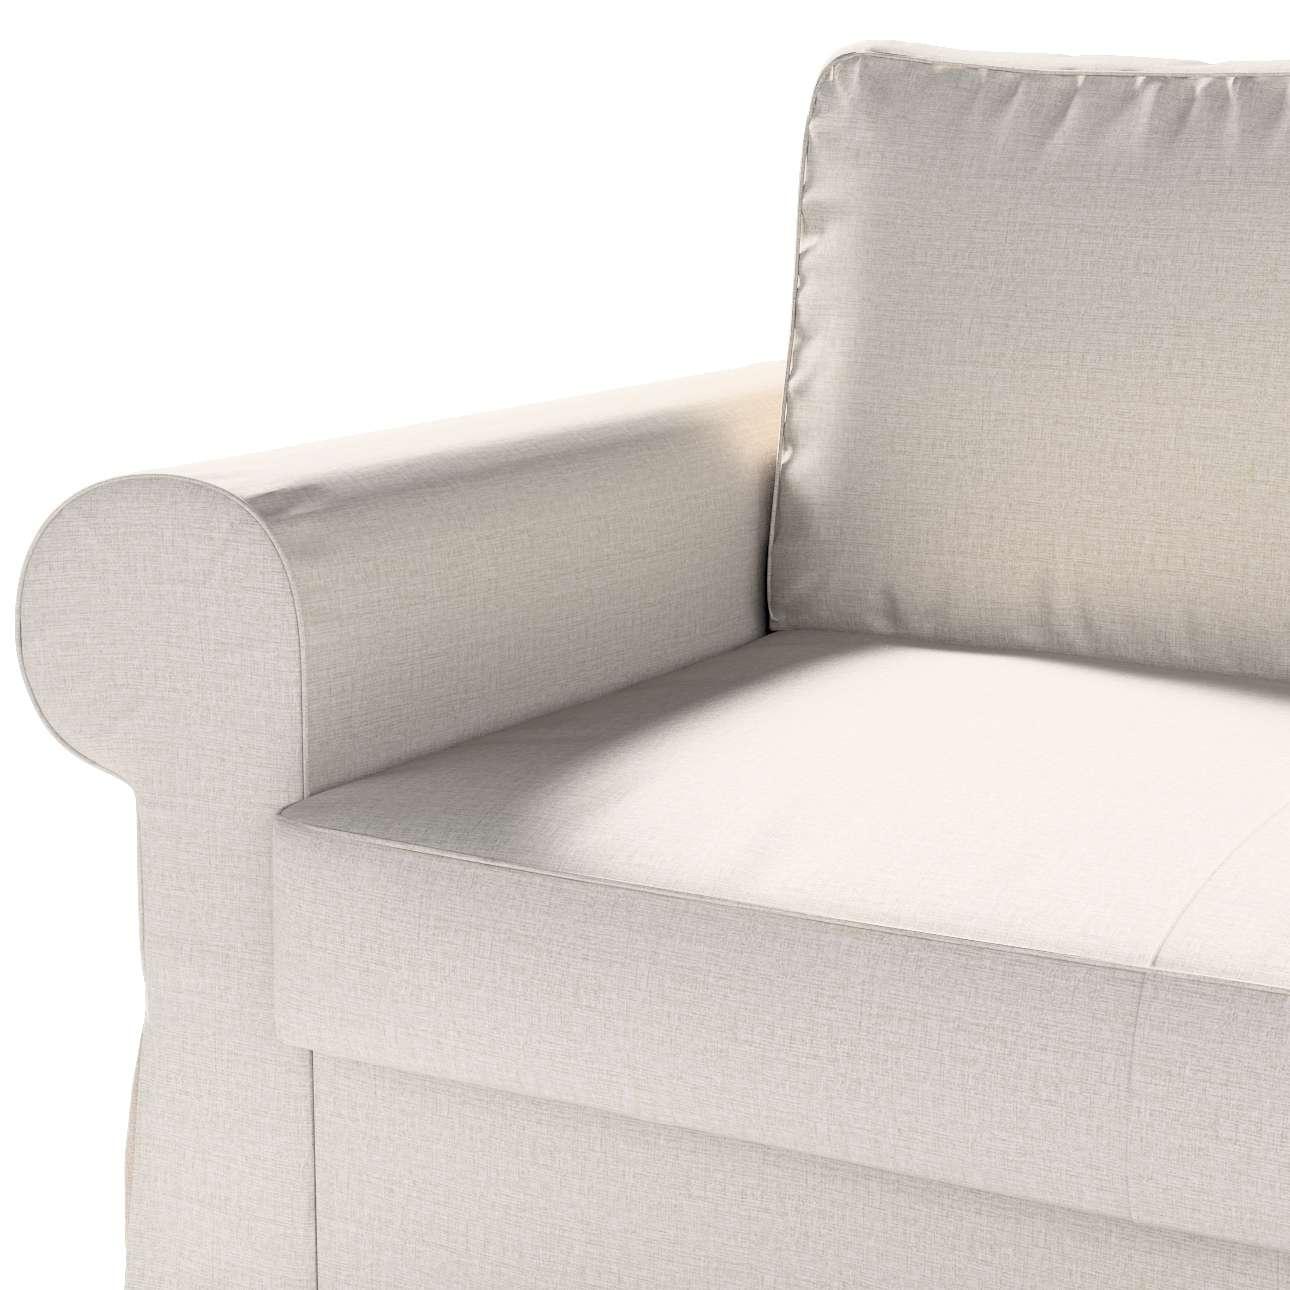 Bezug für Backabro 2-Sitzer Sofa ausklappbar von der Kollektion Living II, Stoff: 161-00